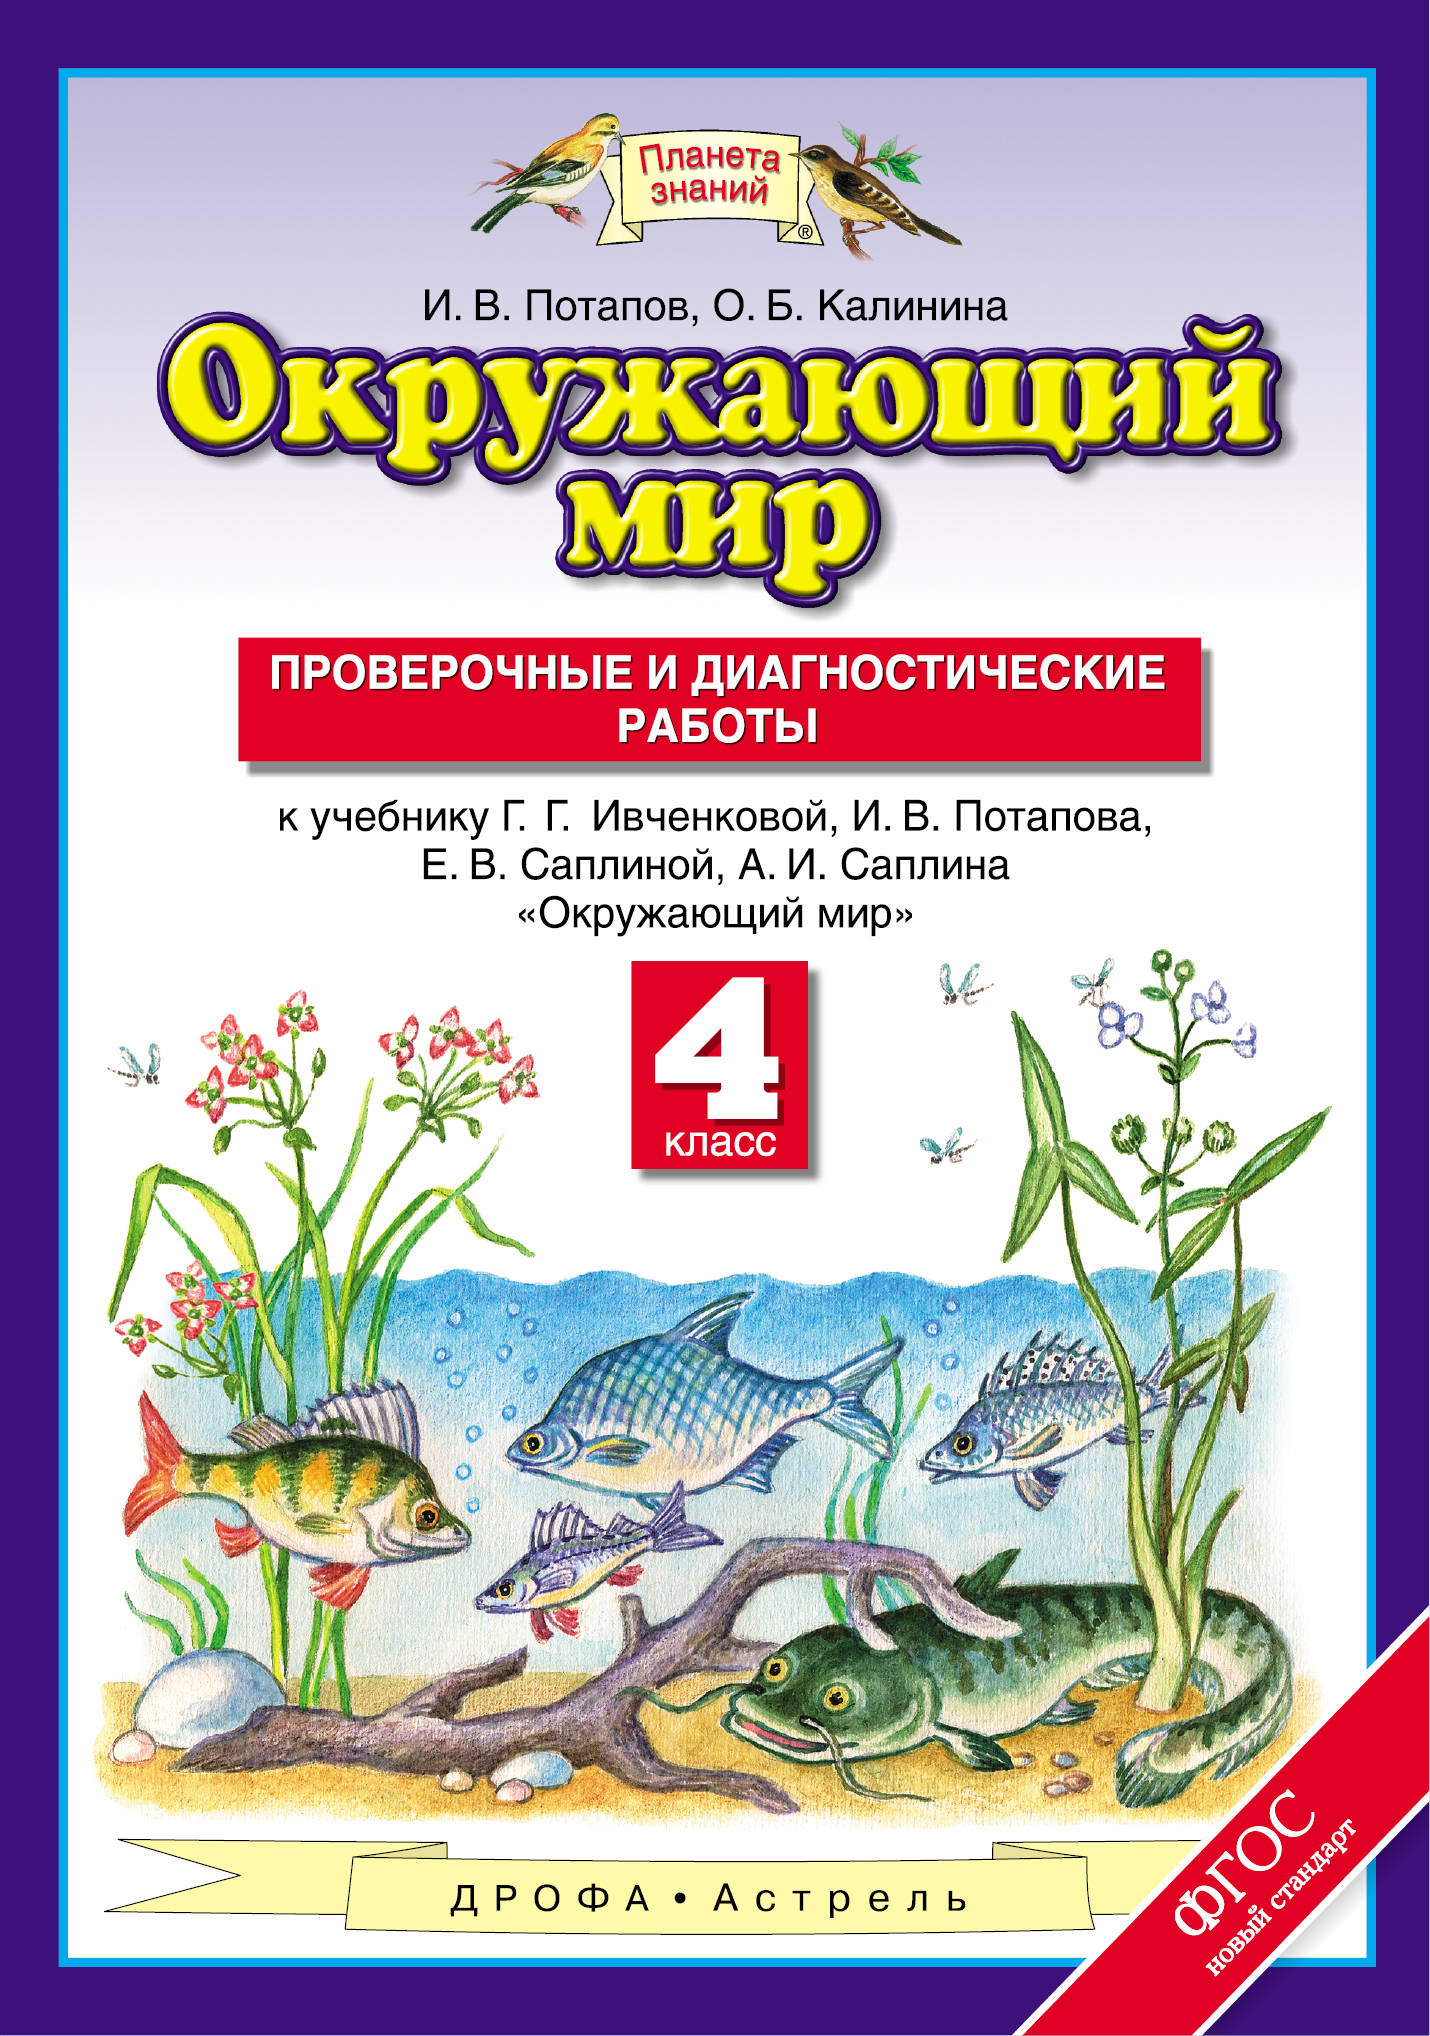 И. В. Потапов, О. Б. Калинина Окружающий мир. 4 класс. Проверочные и диагностические работы